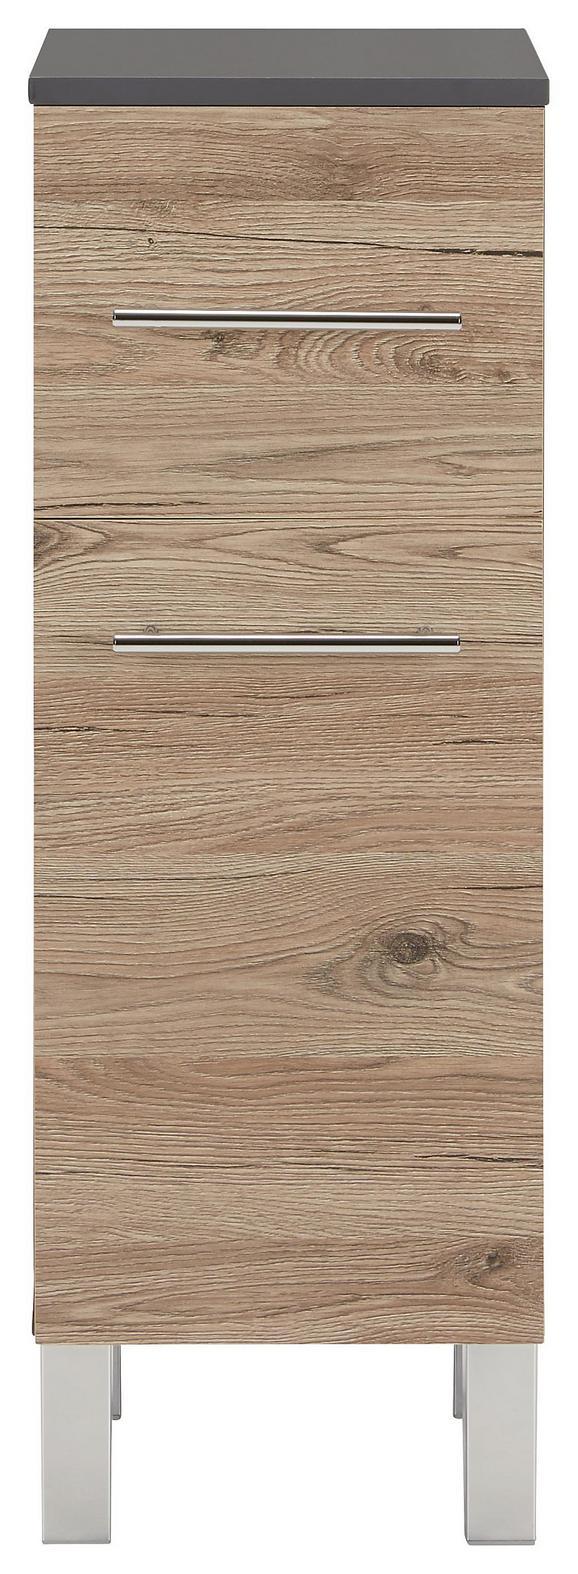 Unterschrank Eiche/Anthrazit - Chromfarben/Eichefarben, MODERN, Holzwerkstoff/Metall (31/86/32cm)